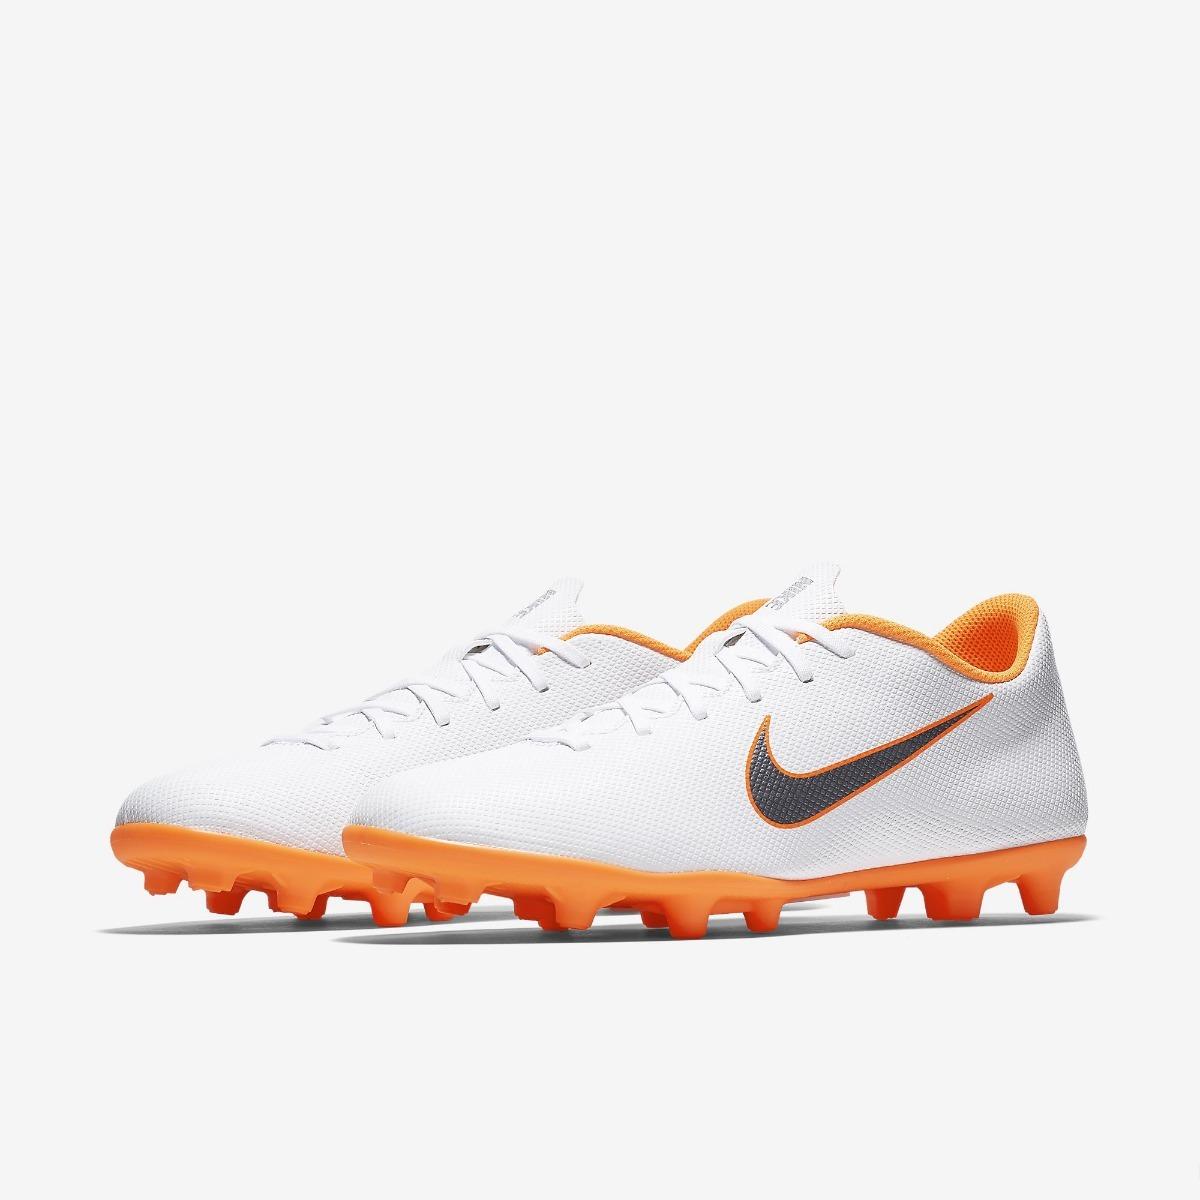 Chuteira Nike Mercurial Vapor 12 Club Fg Mg Campo - Original - R ... 16351eb00ea88